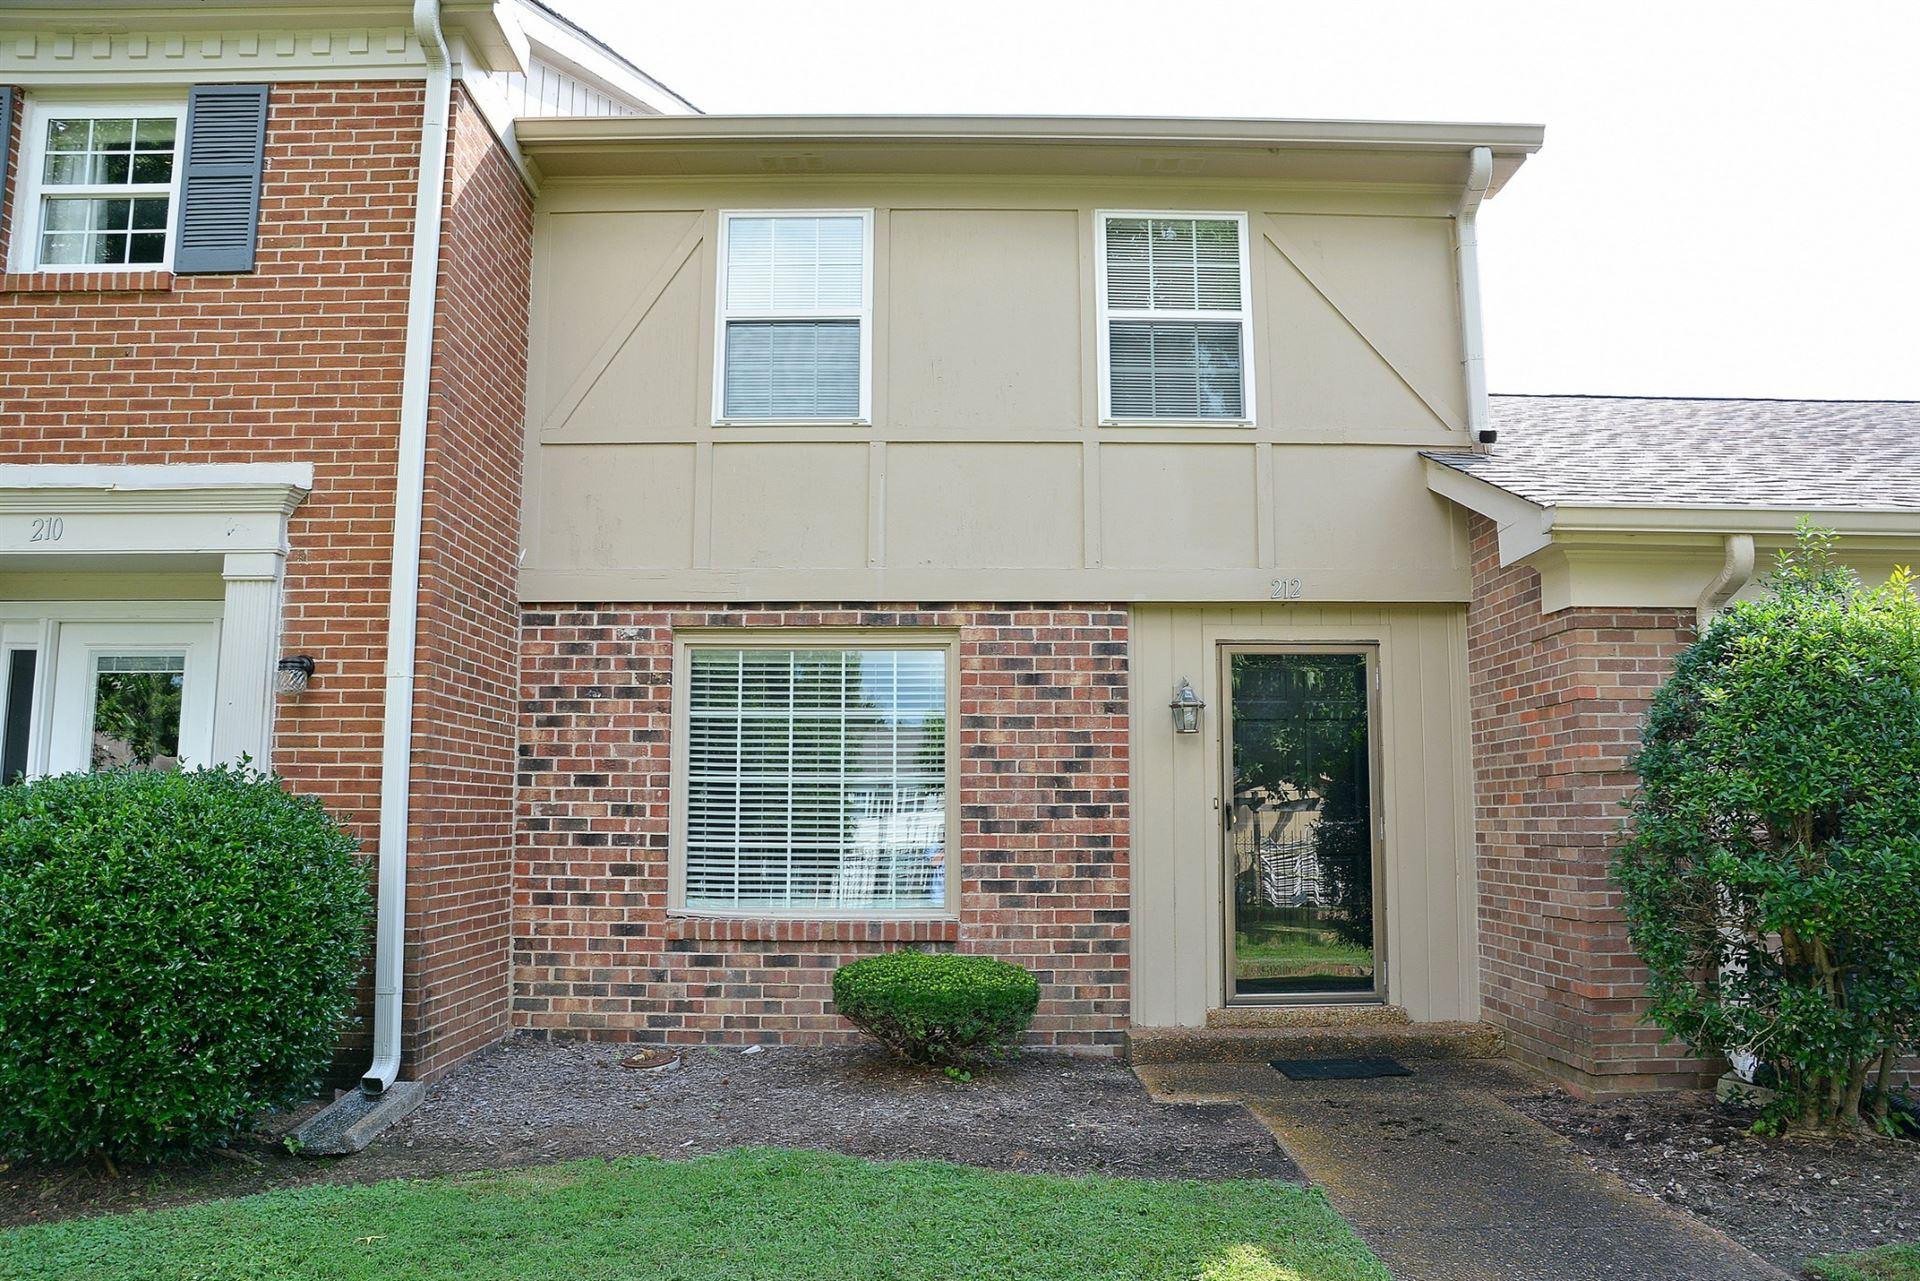 212 Plantation Ct, Nashville, TN 37221 - MLS#: 2193006